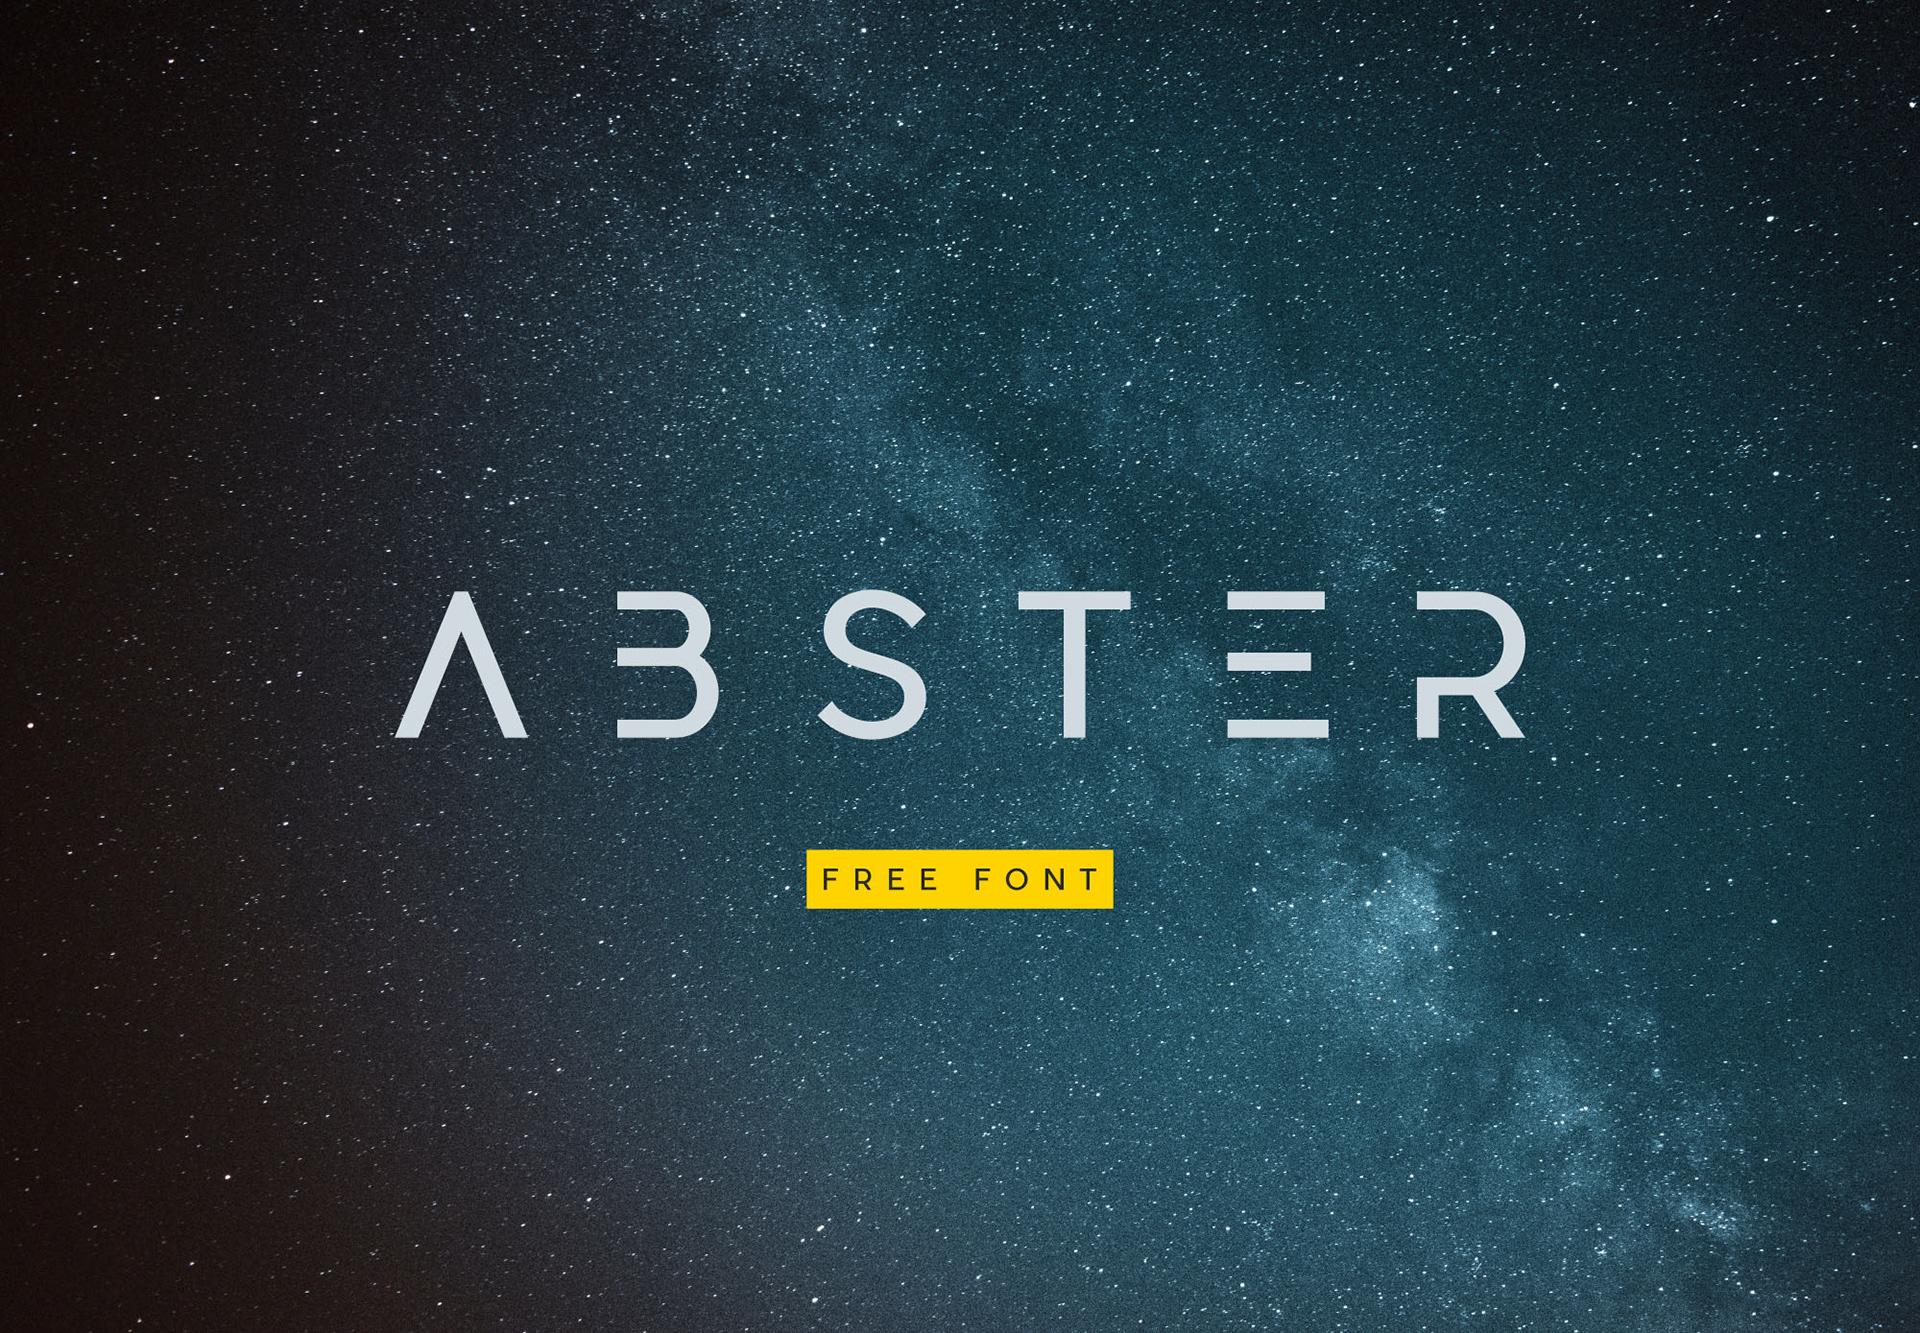 ABSTER_5.jpg